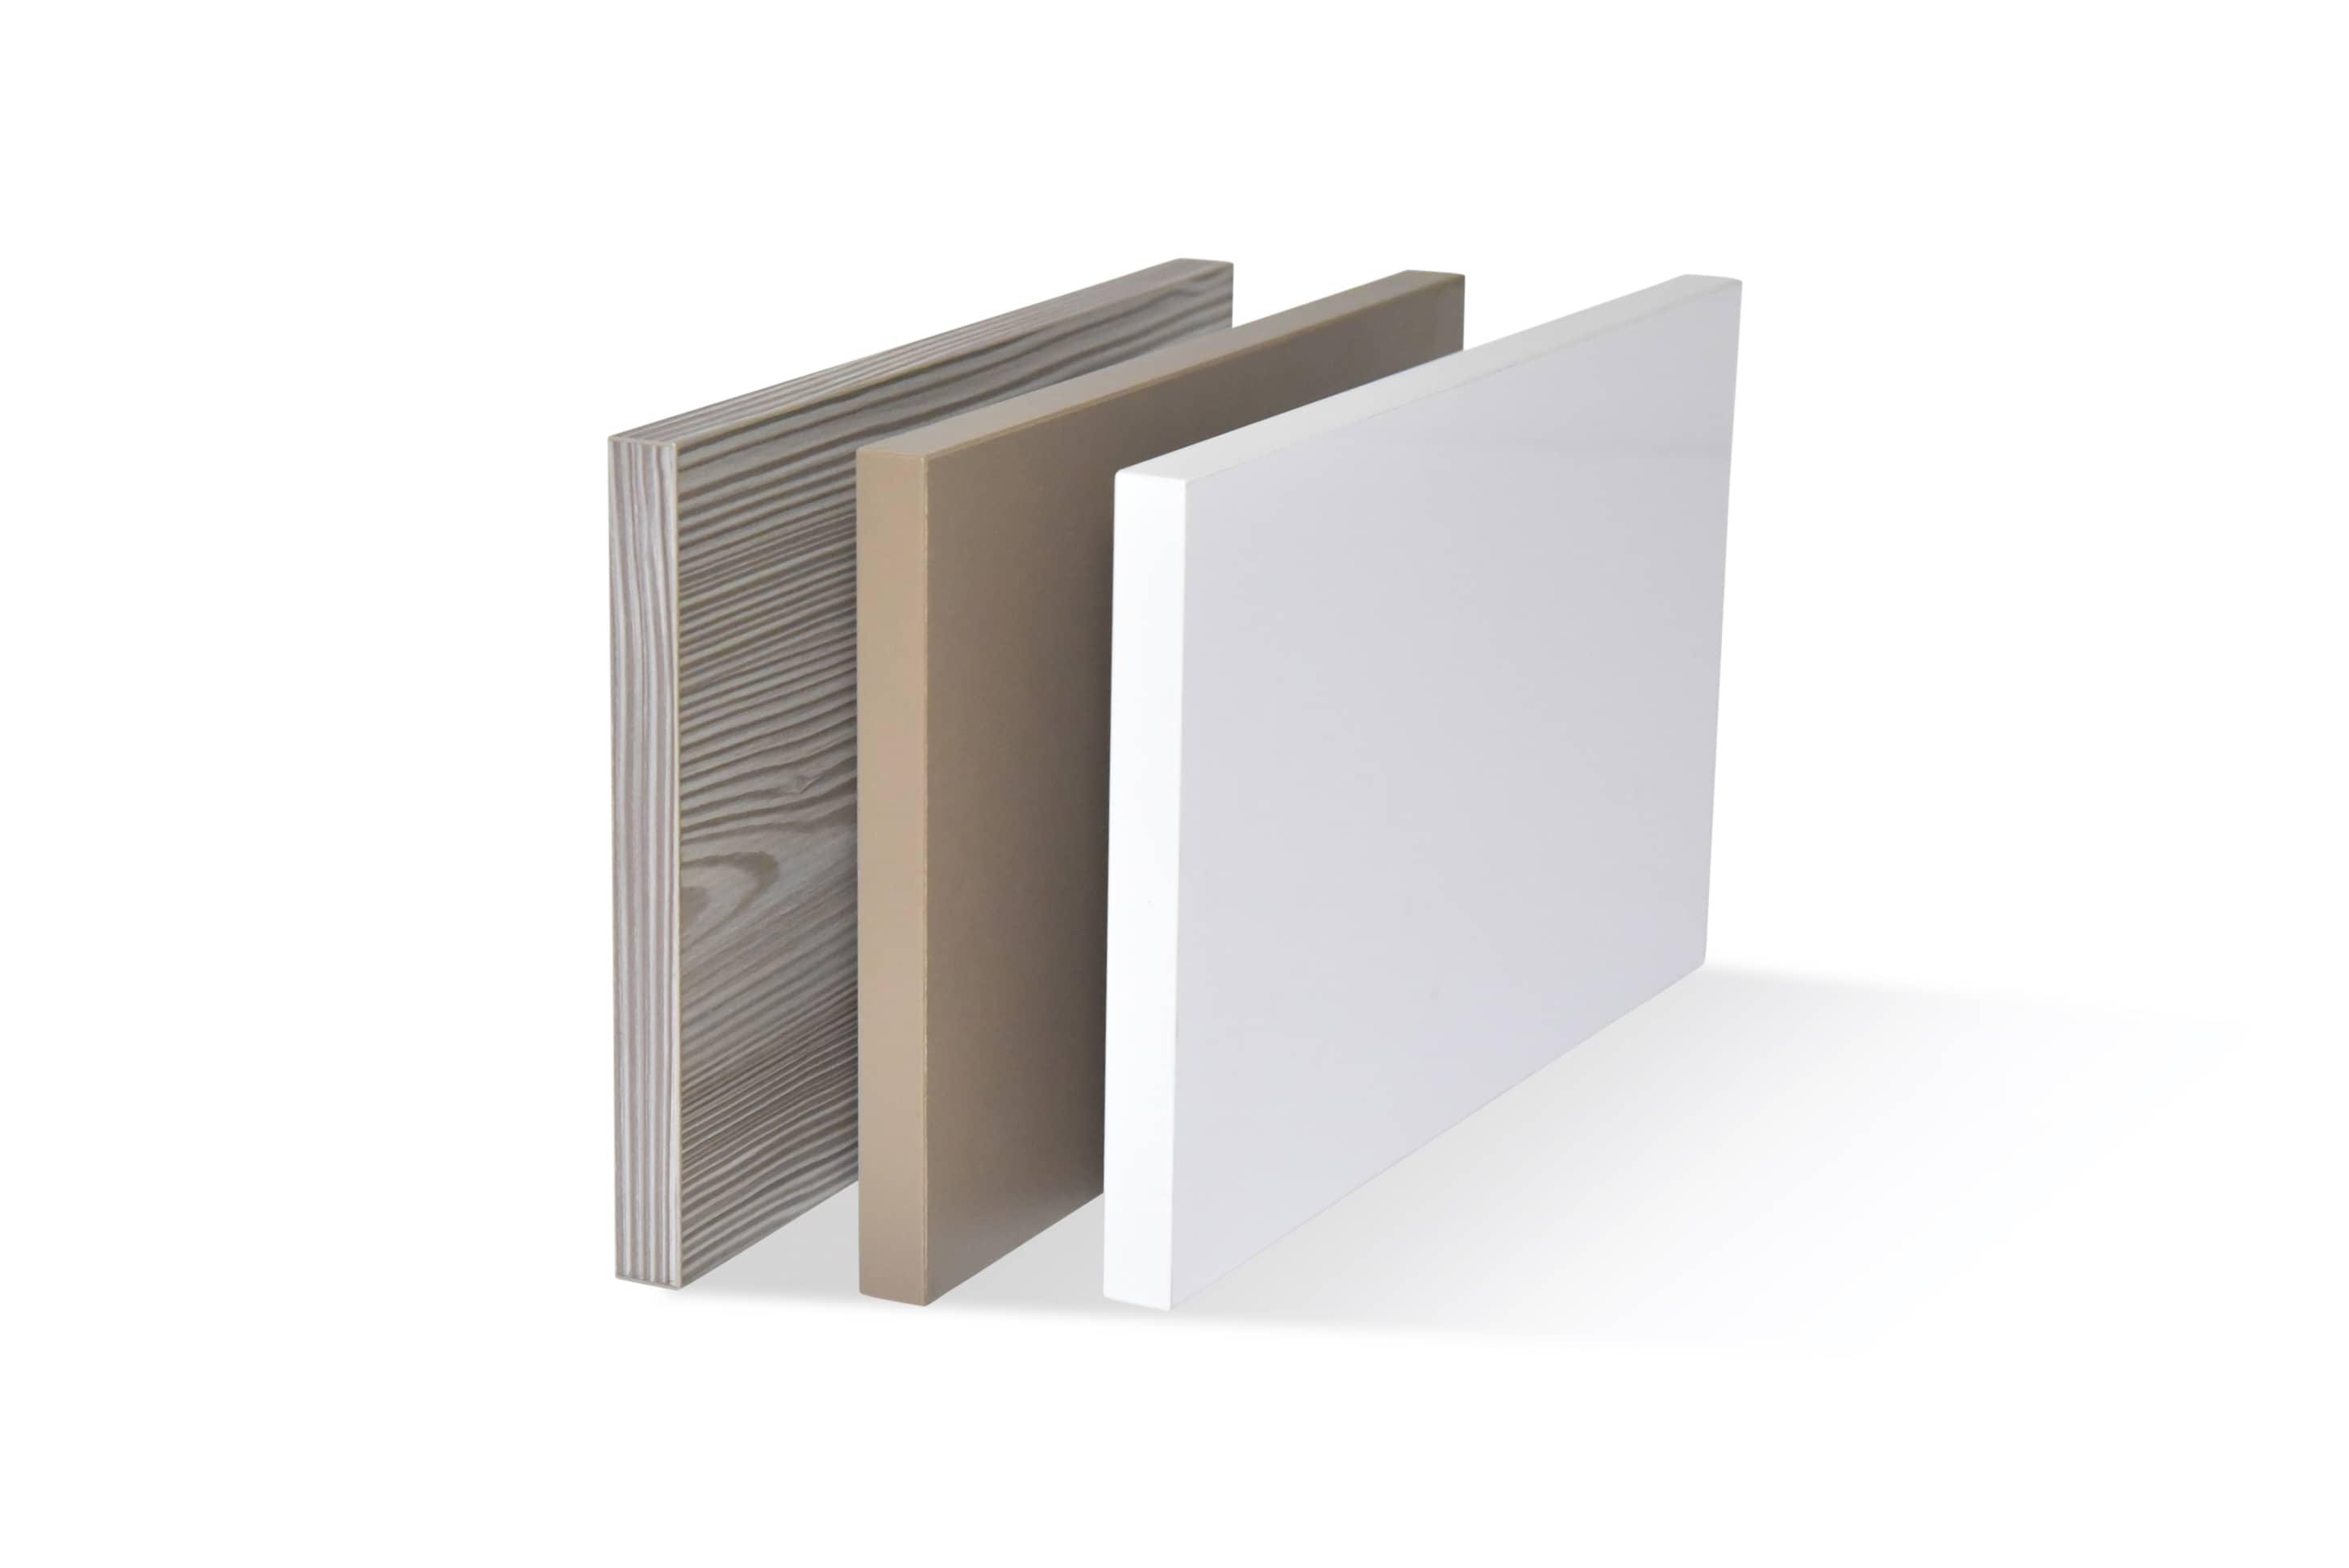 Gelamineerde en laminaat panelen